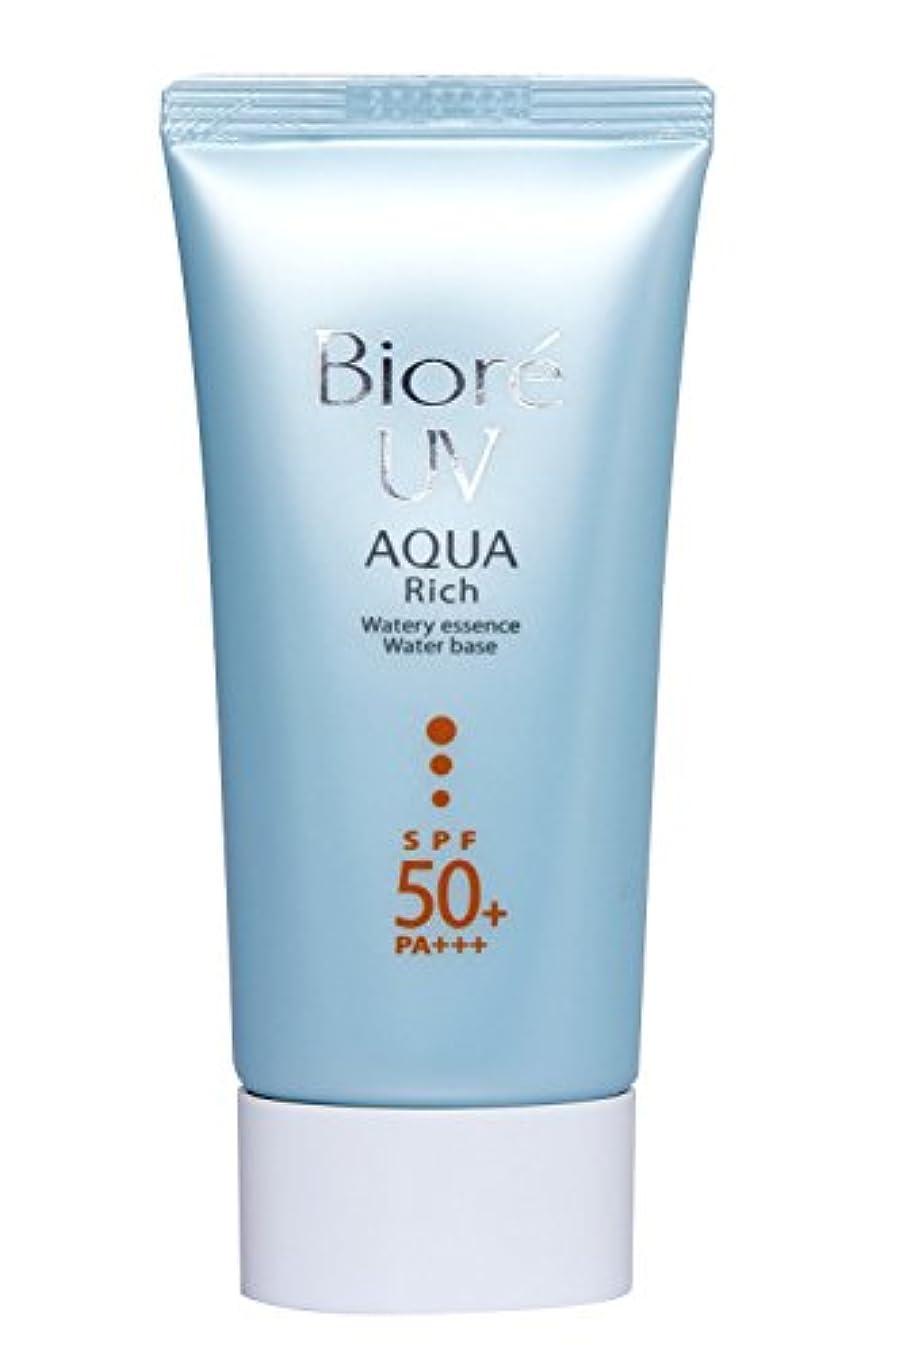 フレア臭い伝染病Biore Uv Aqua Rich Watery Essence spf50 + / PA + + + 50 ml